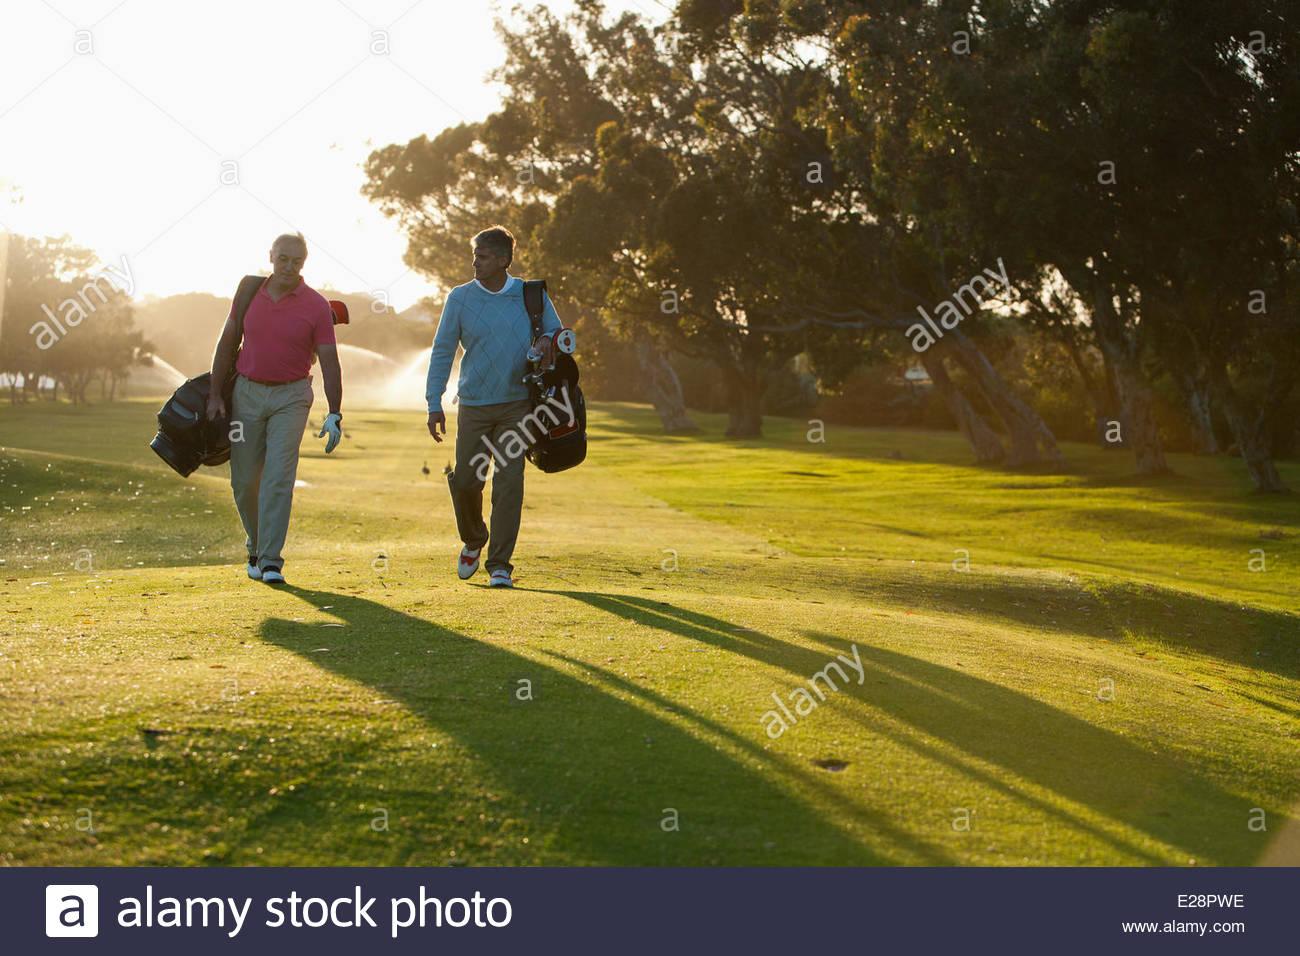 Gli uomini che trasportano le sacche da golf sul campo da golf Immagini Stock